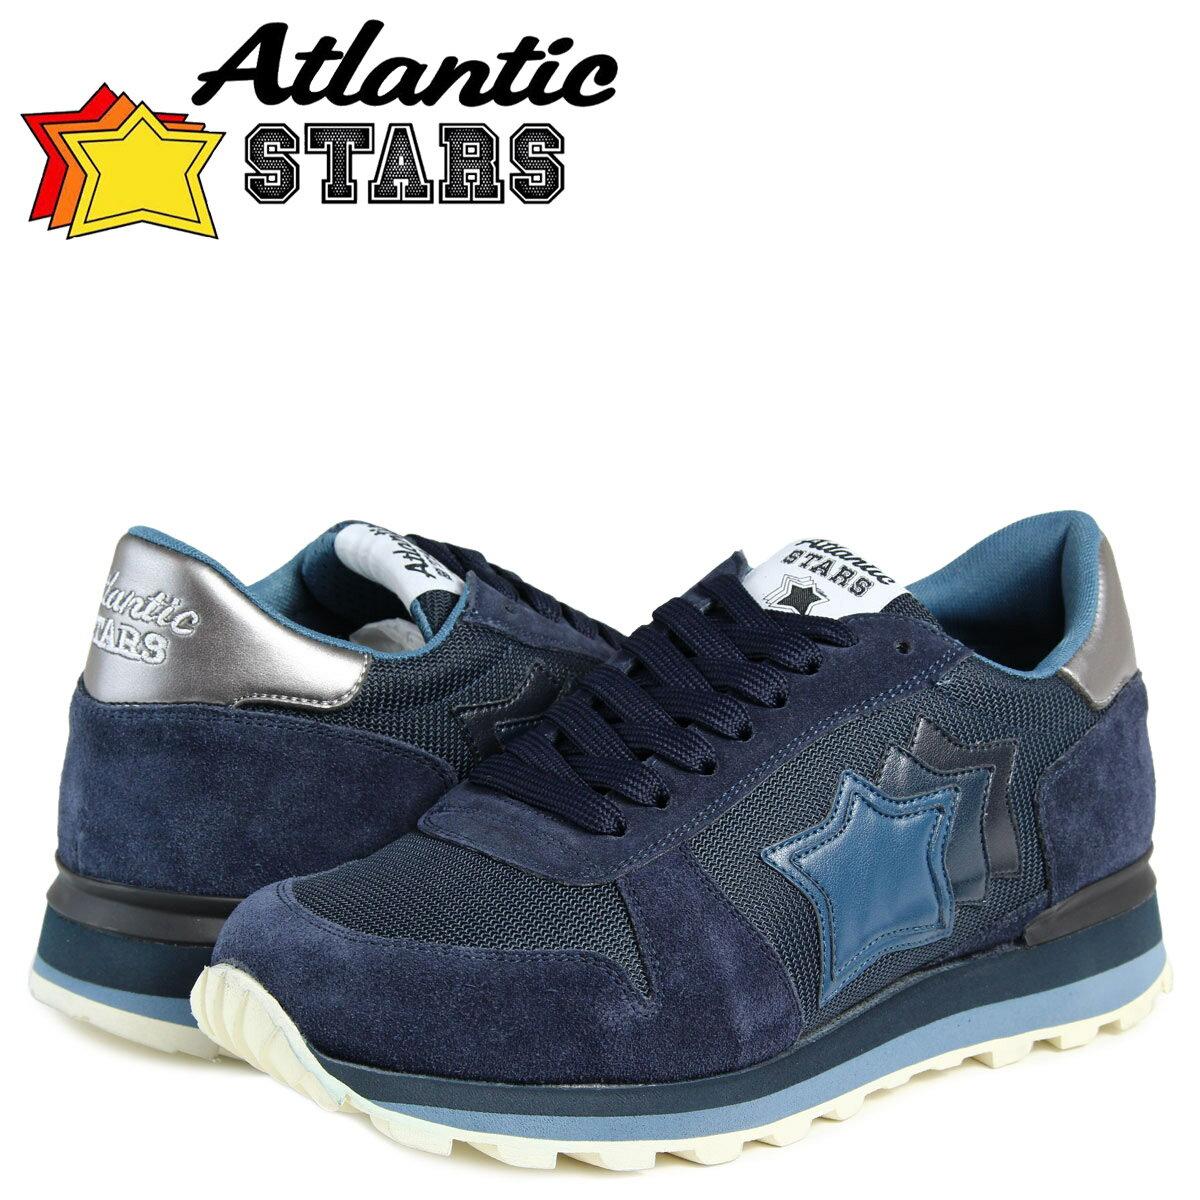 アトランティックスターズ メンズ スニーカー Atlantic STARS シリウス SIRIUS MAN-PR-LABN 靴 ネイビー 【10/19 新入荷】